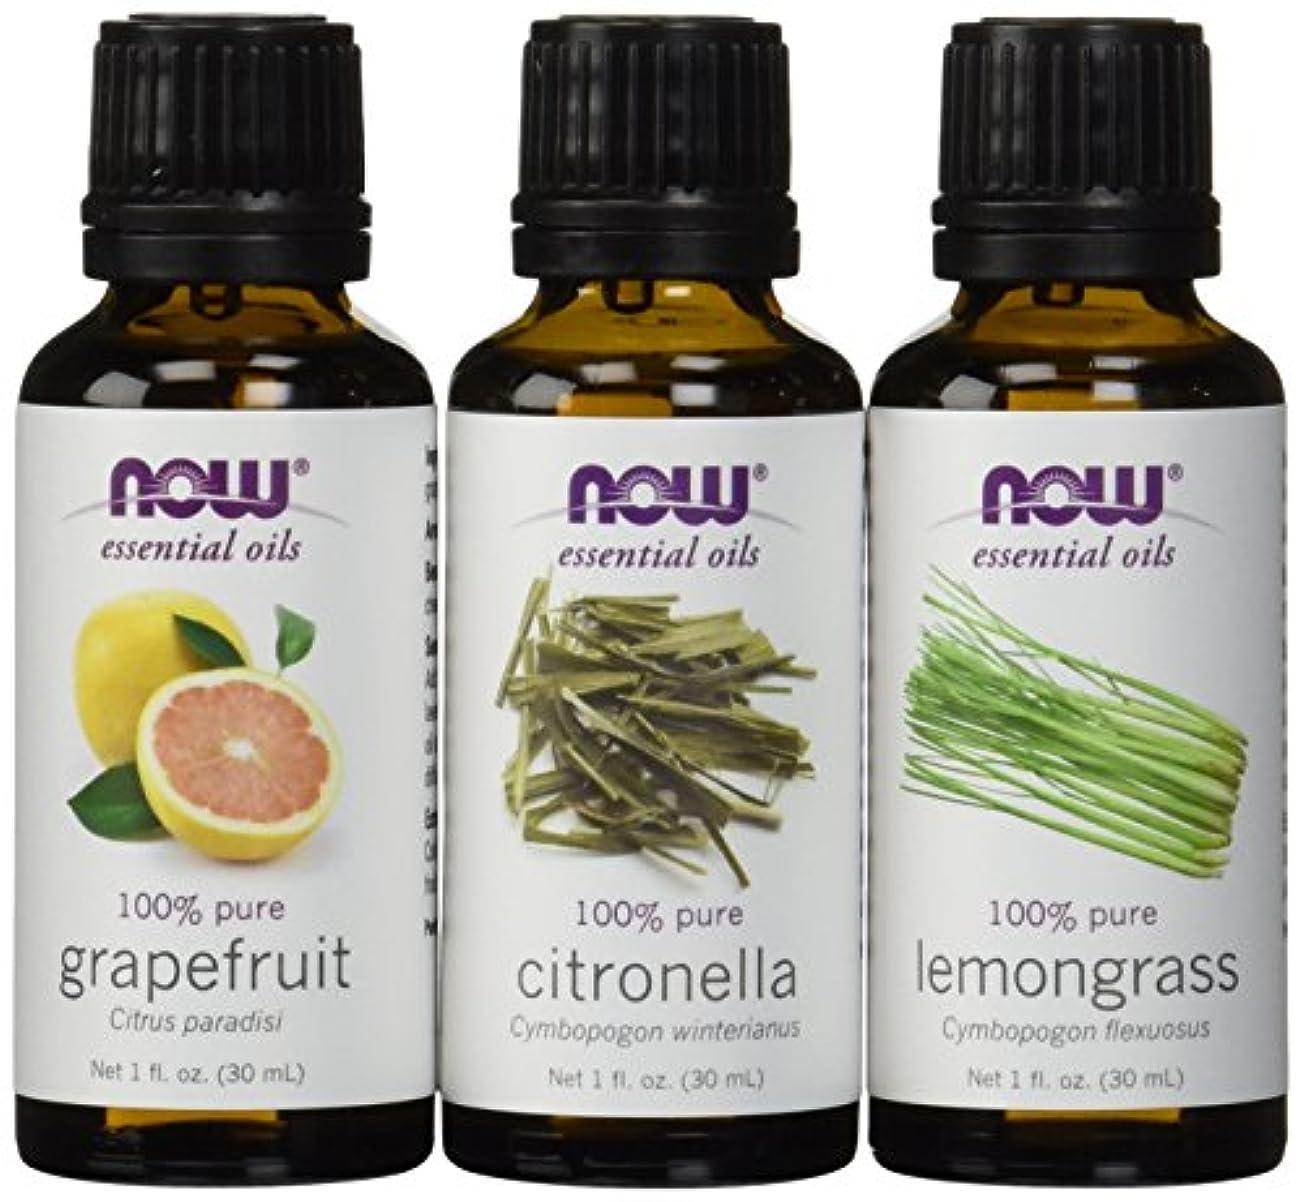 ショートカット安全帽子虫除けに ナウフーズ エッセンシャルオイルブレンド:シトロネラ?レモングラス?グレープフルーツ[各30ml] NOW Essential Oils: Mosquito Repellent Blend - Citronella...